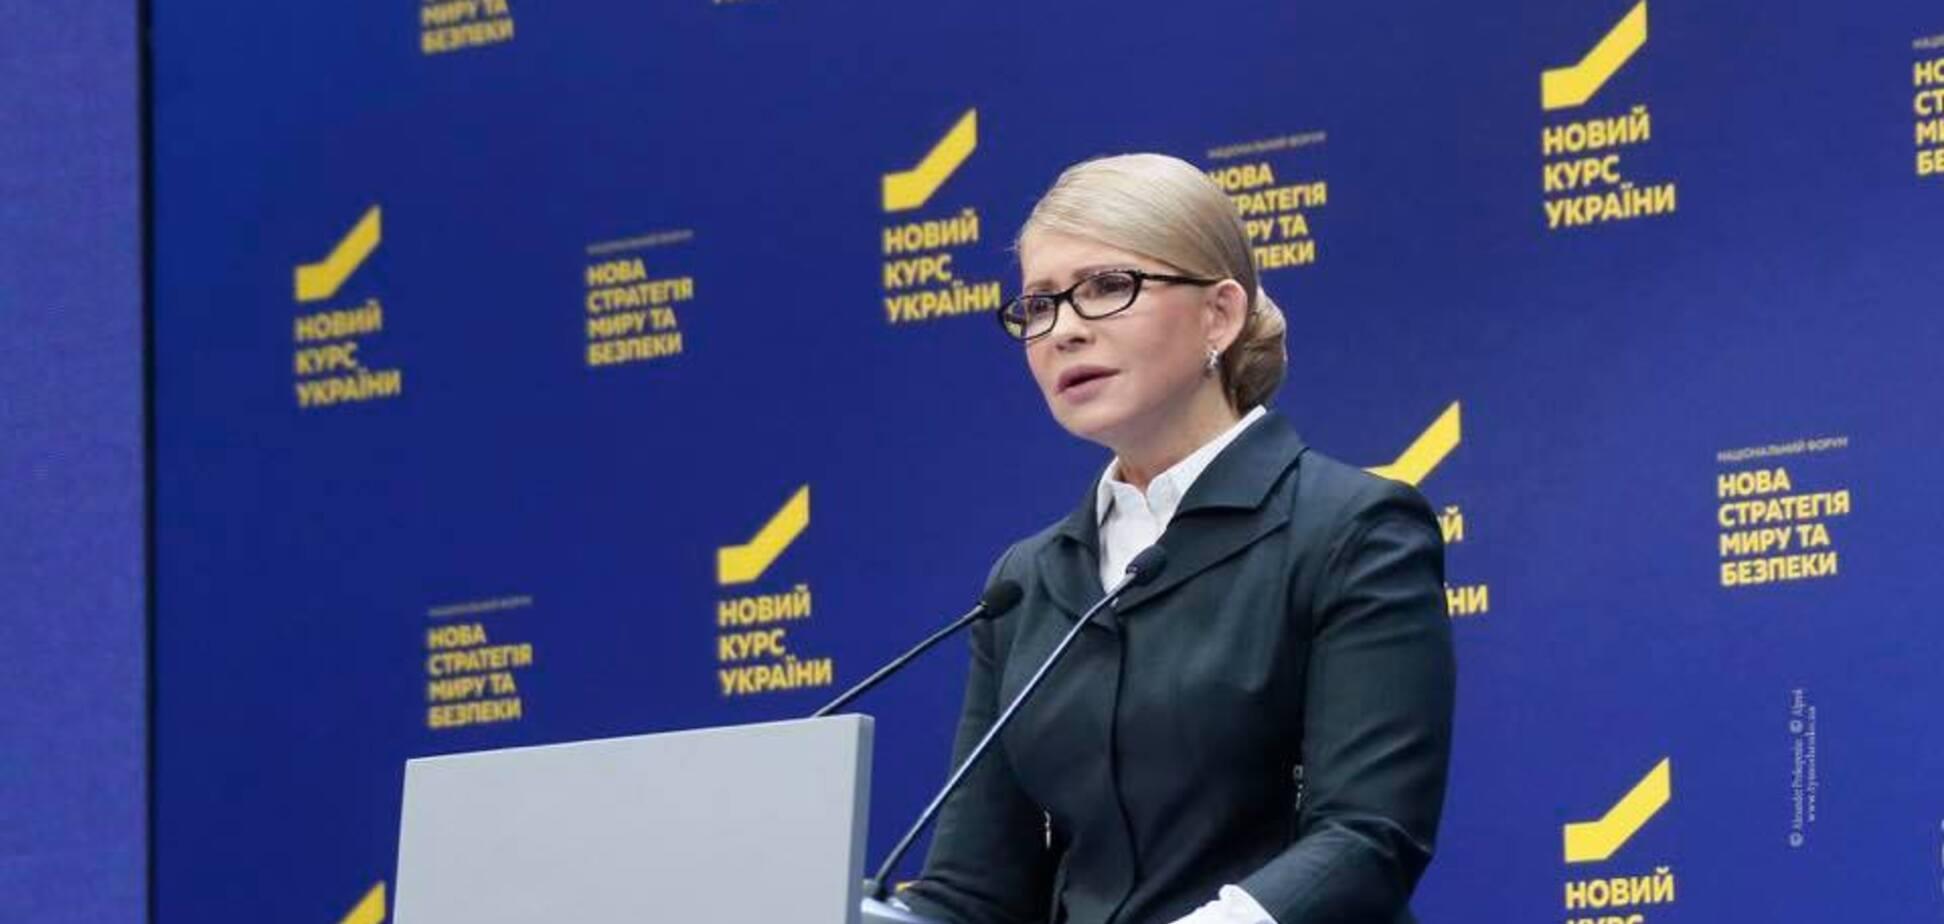 Тимошенко — главный ньюсмейкер политического сезона